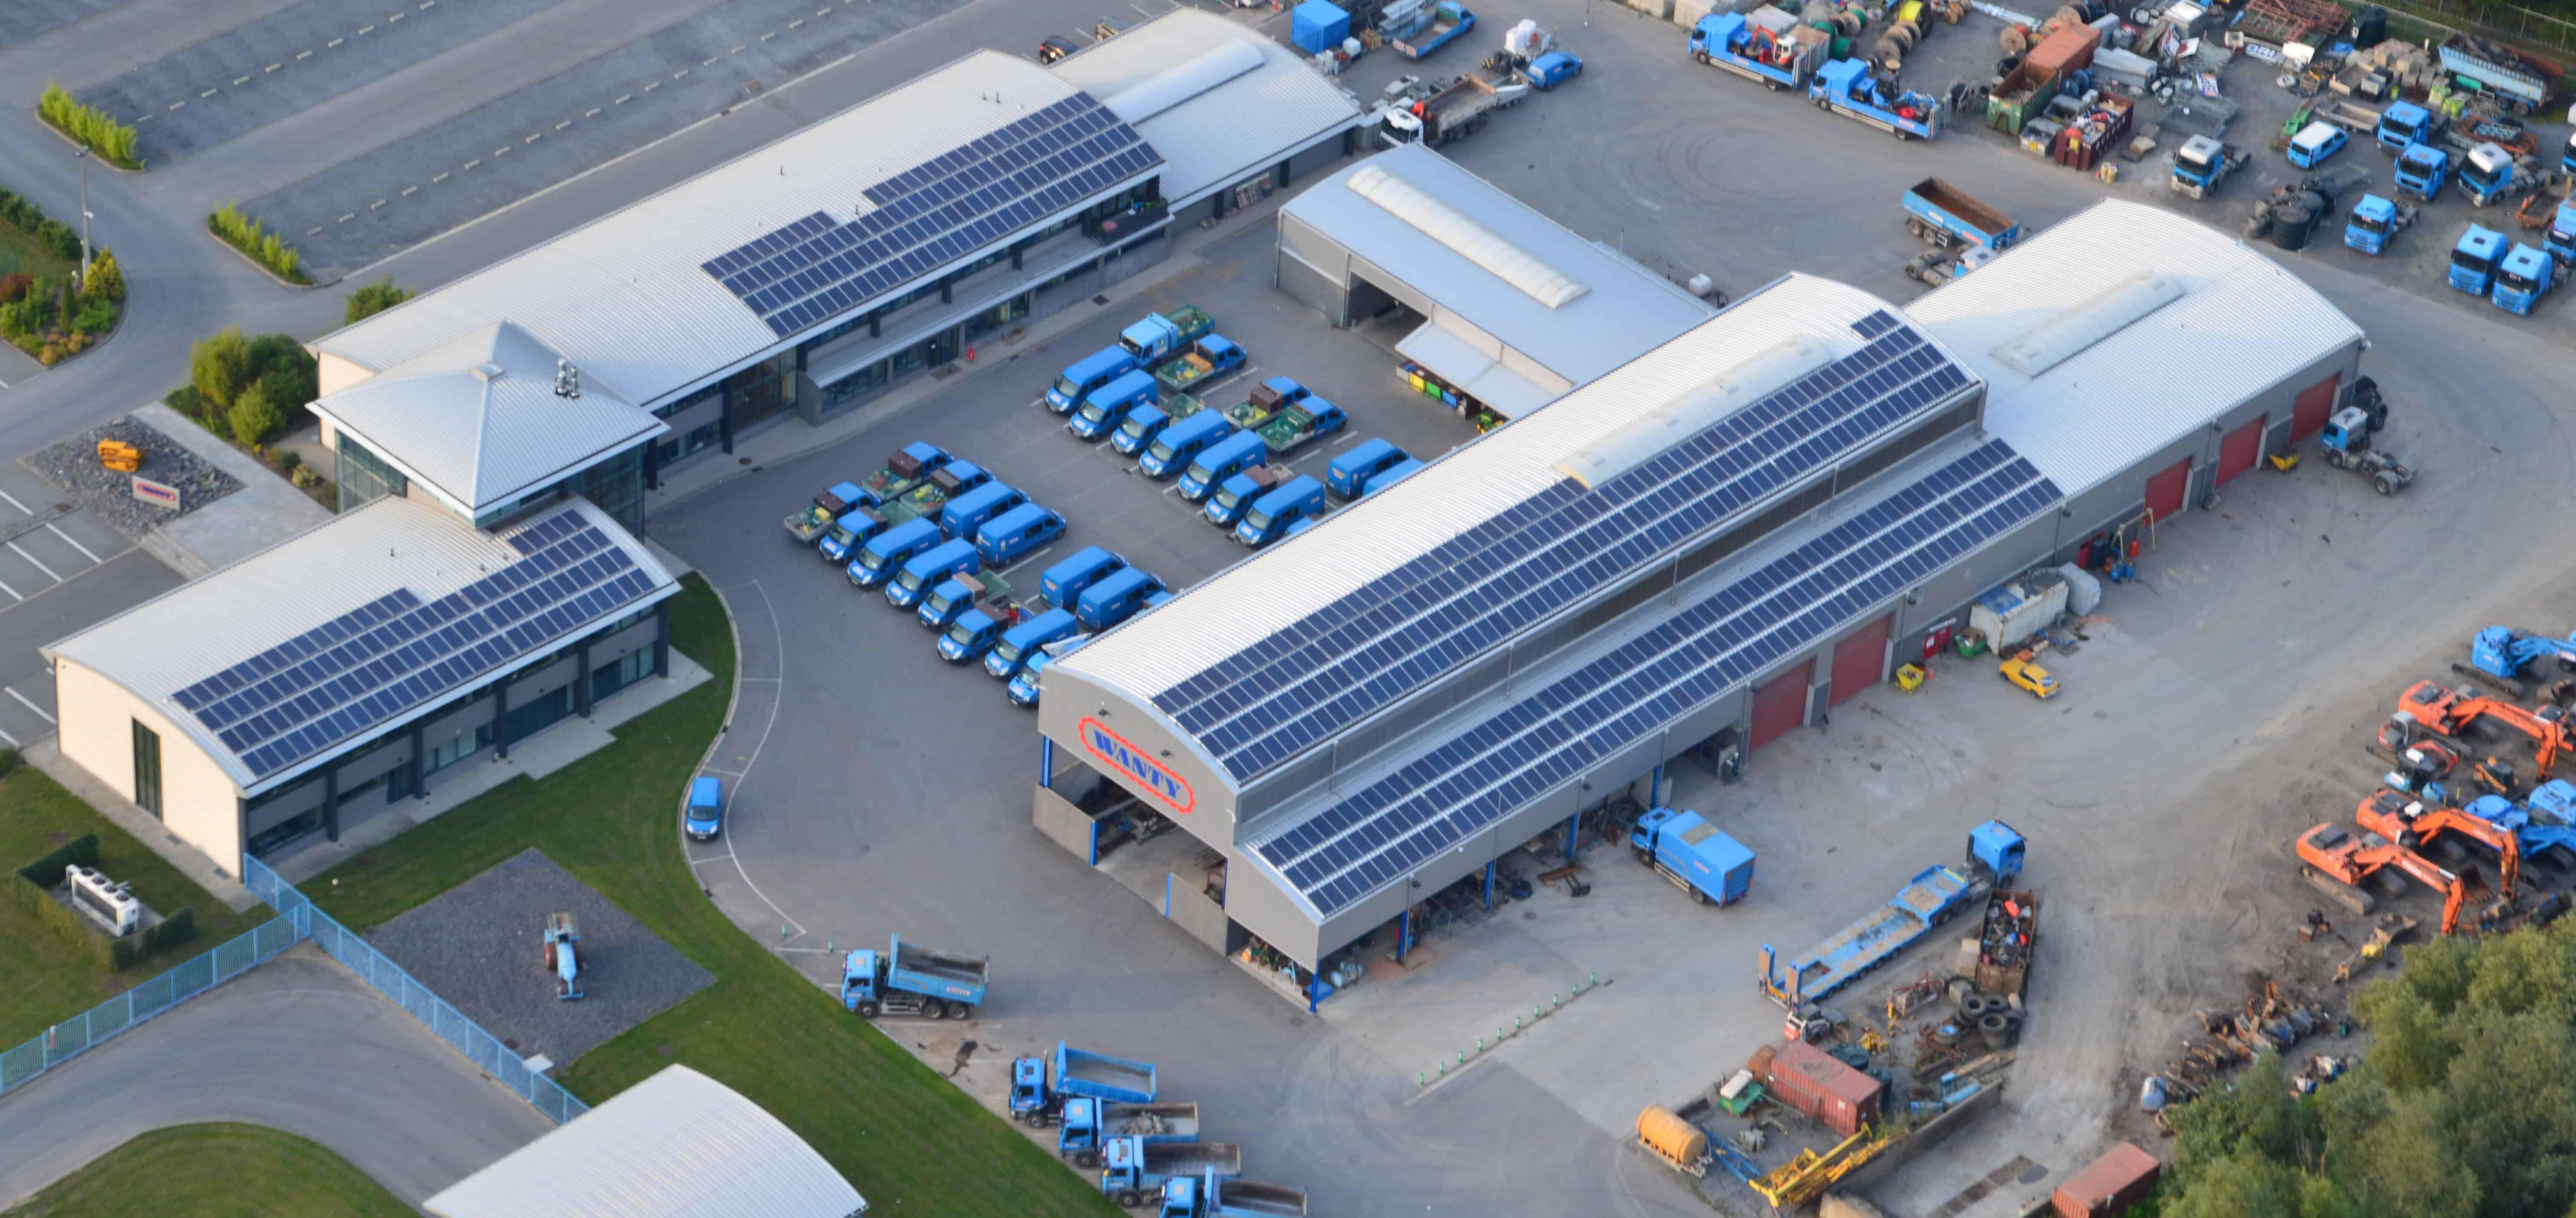 Nos établissements sont équipés de 500 panneaux solaires